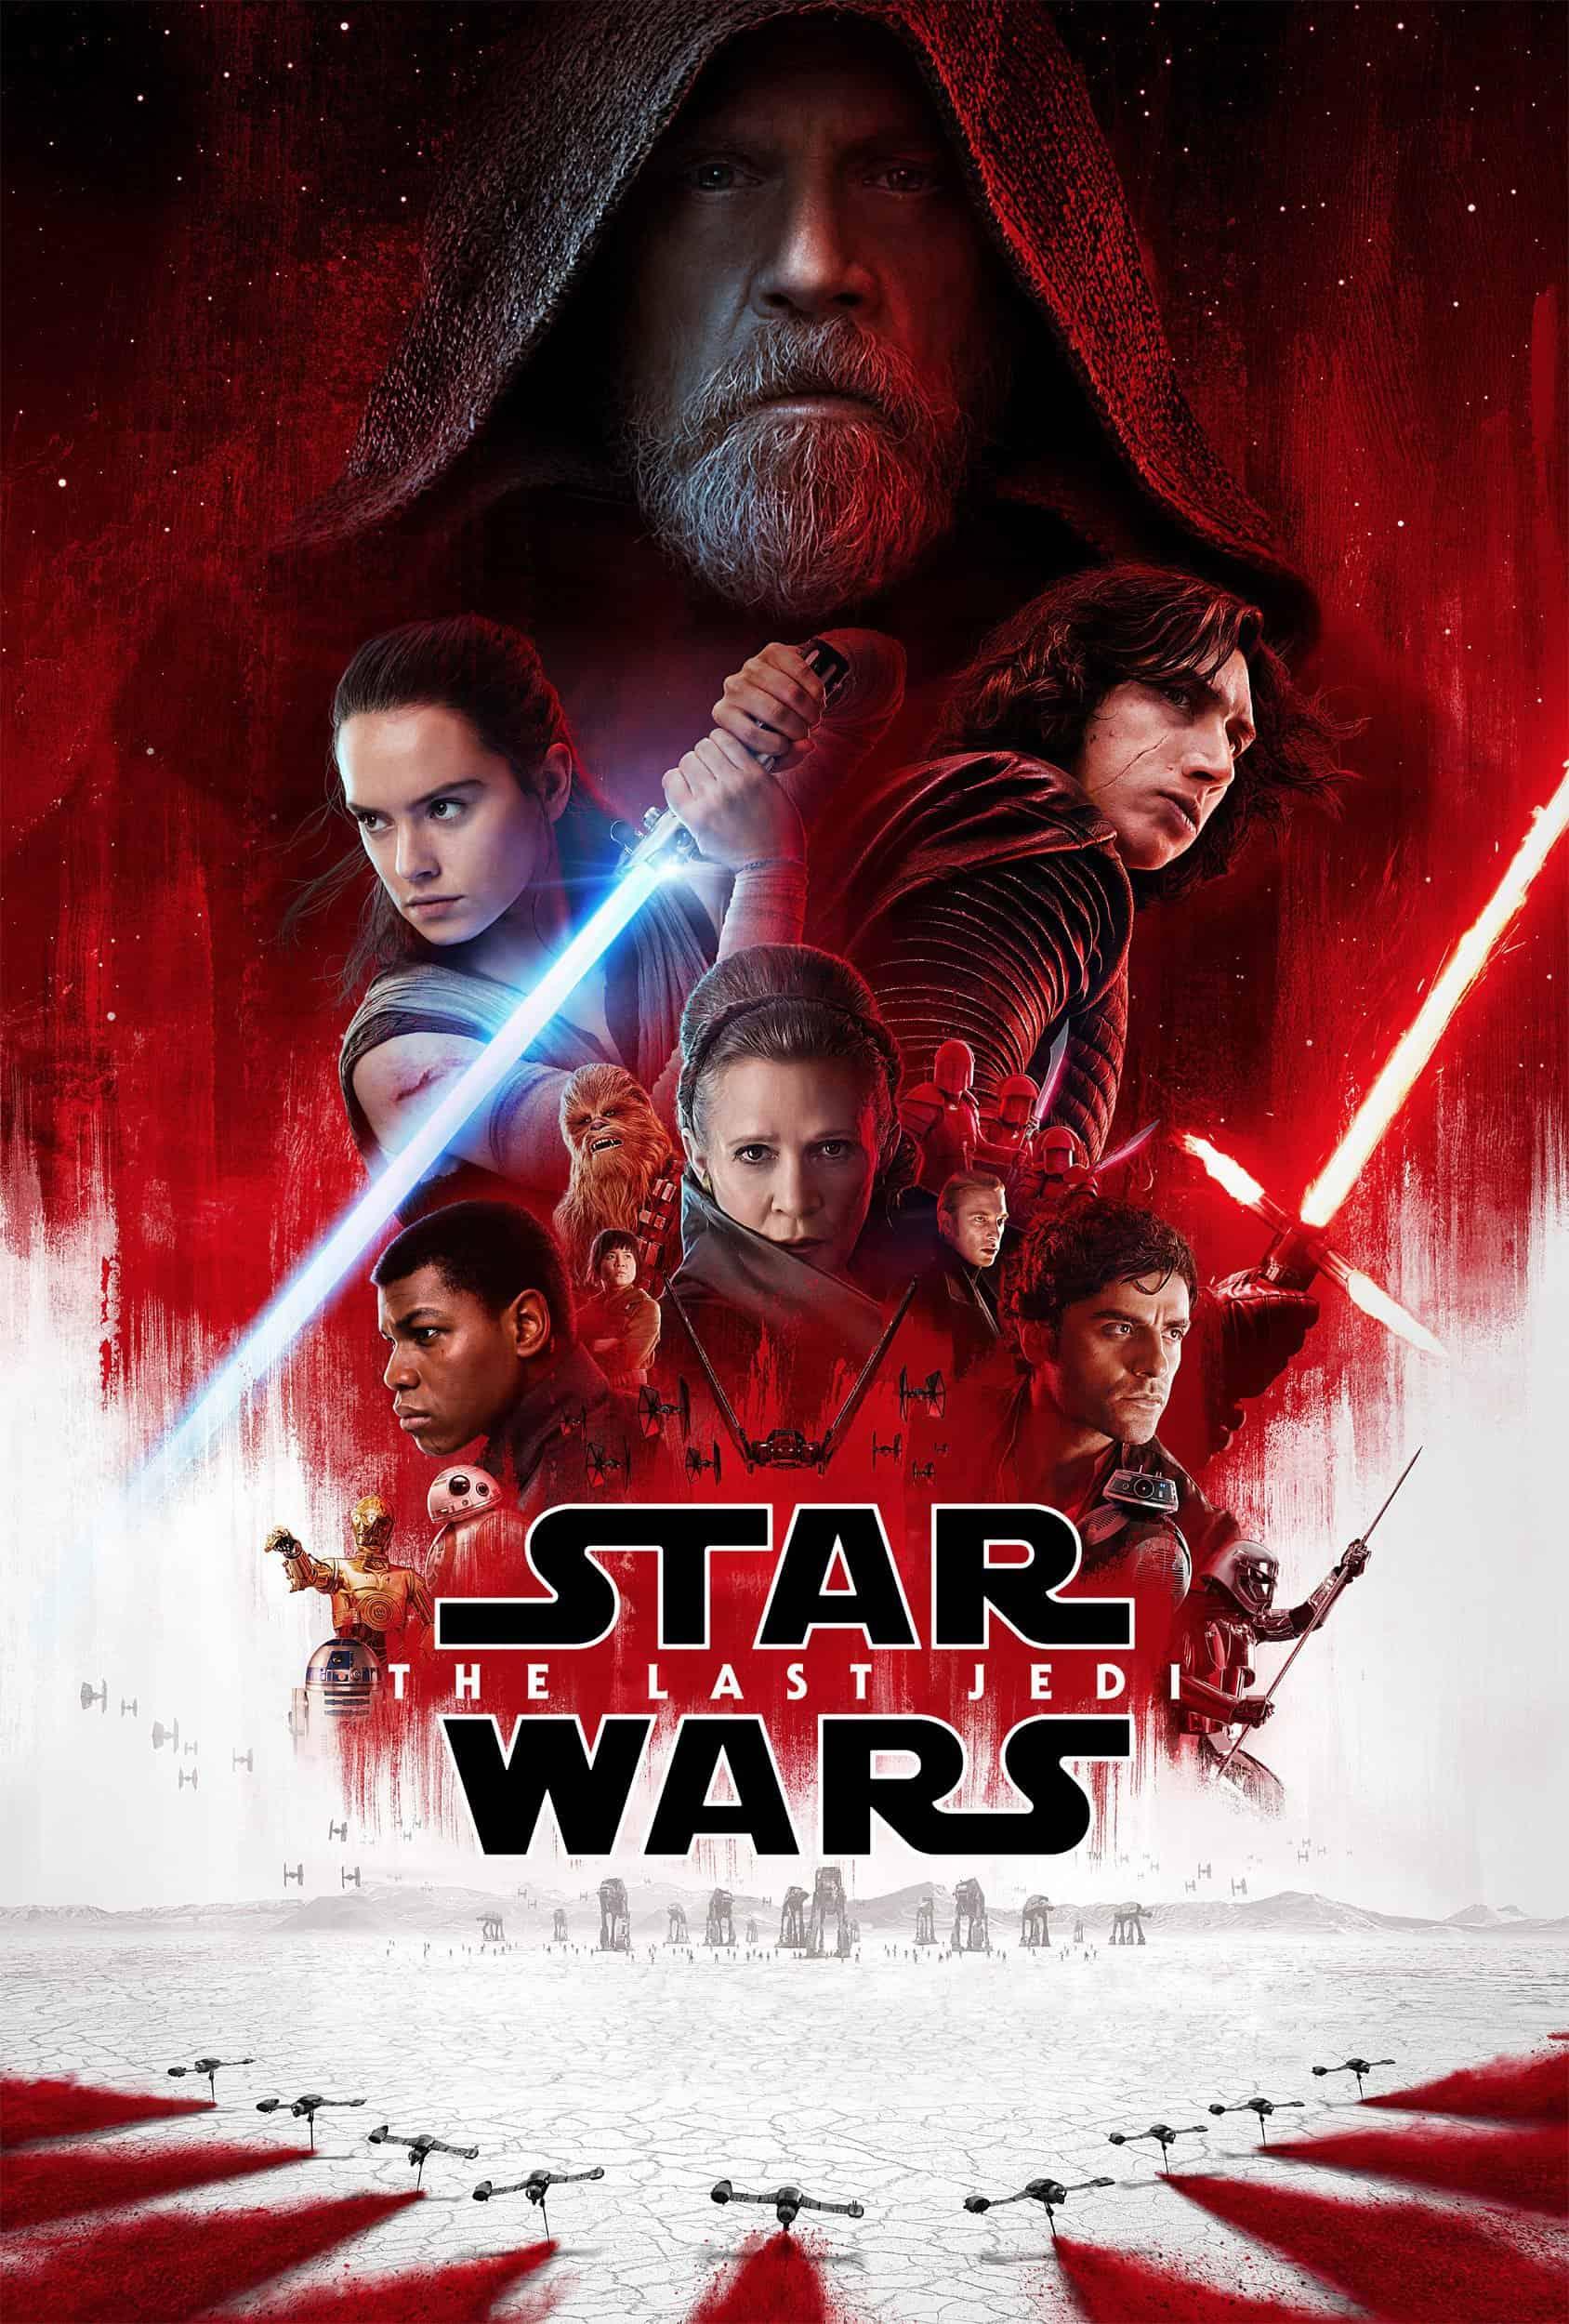 Star Wars: The Last Jedi, 2017